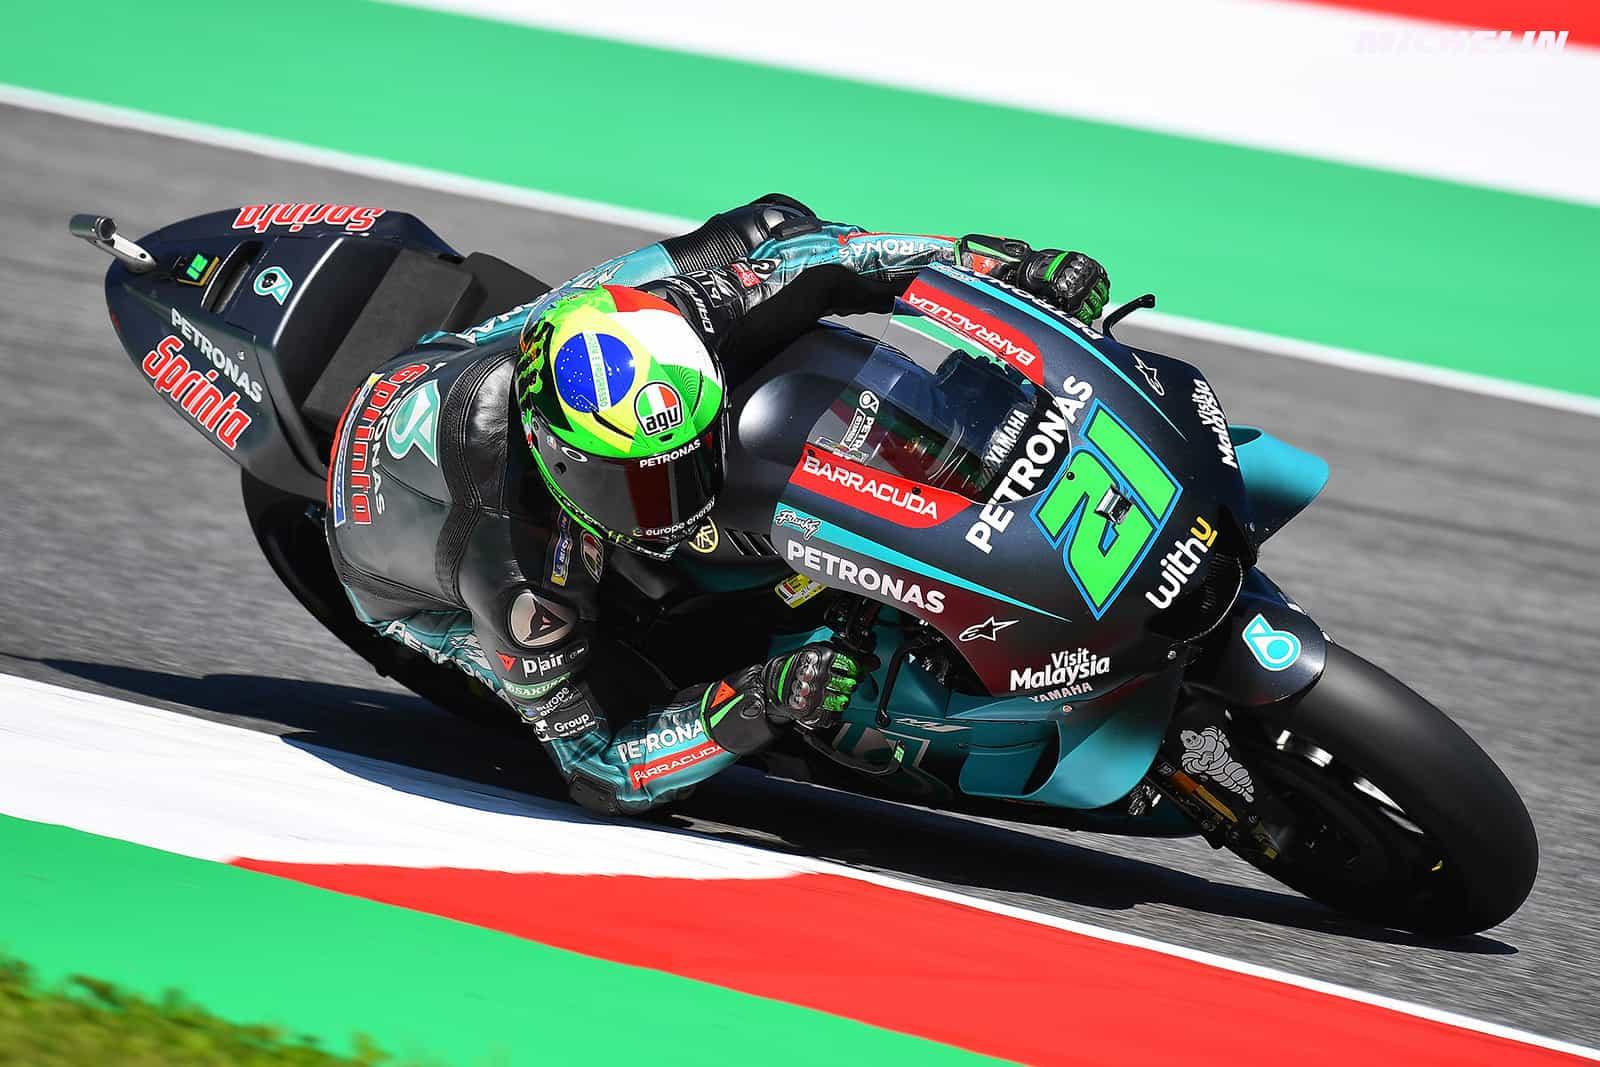 MotoGP2019カタルーニャGP フランコ・モルビデッリ「力強いレースでポイントを重ねたい」